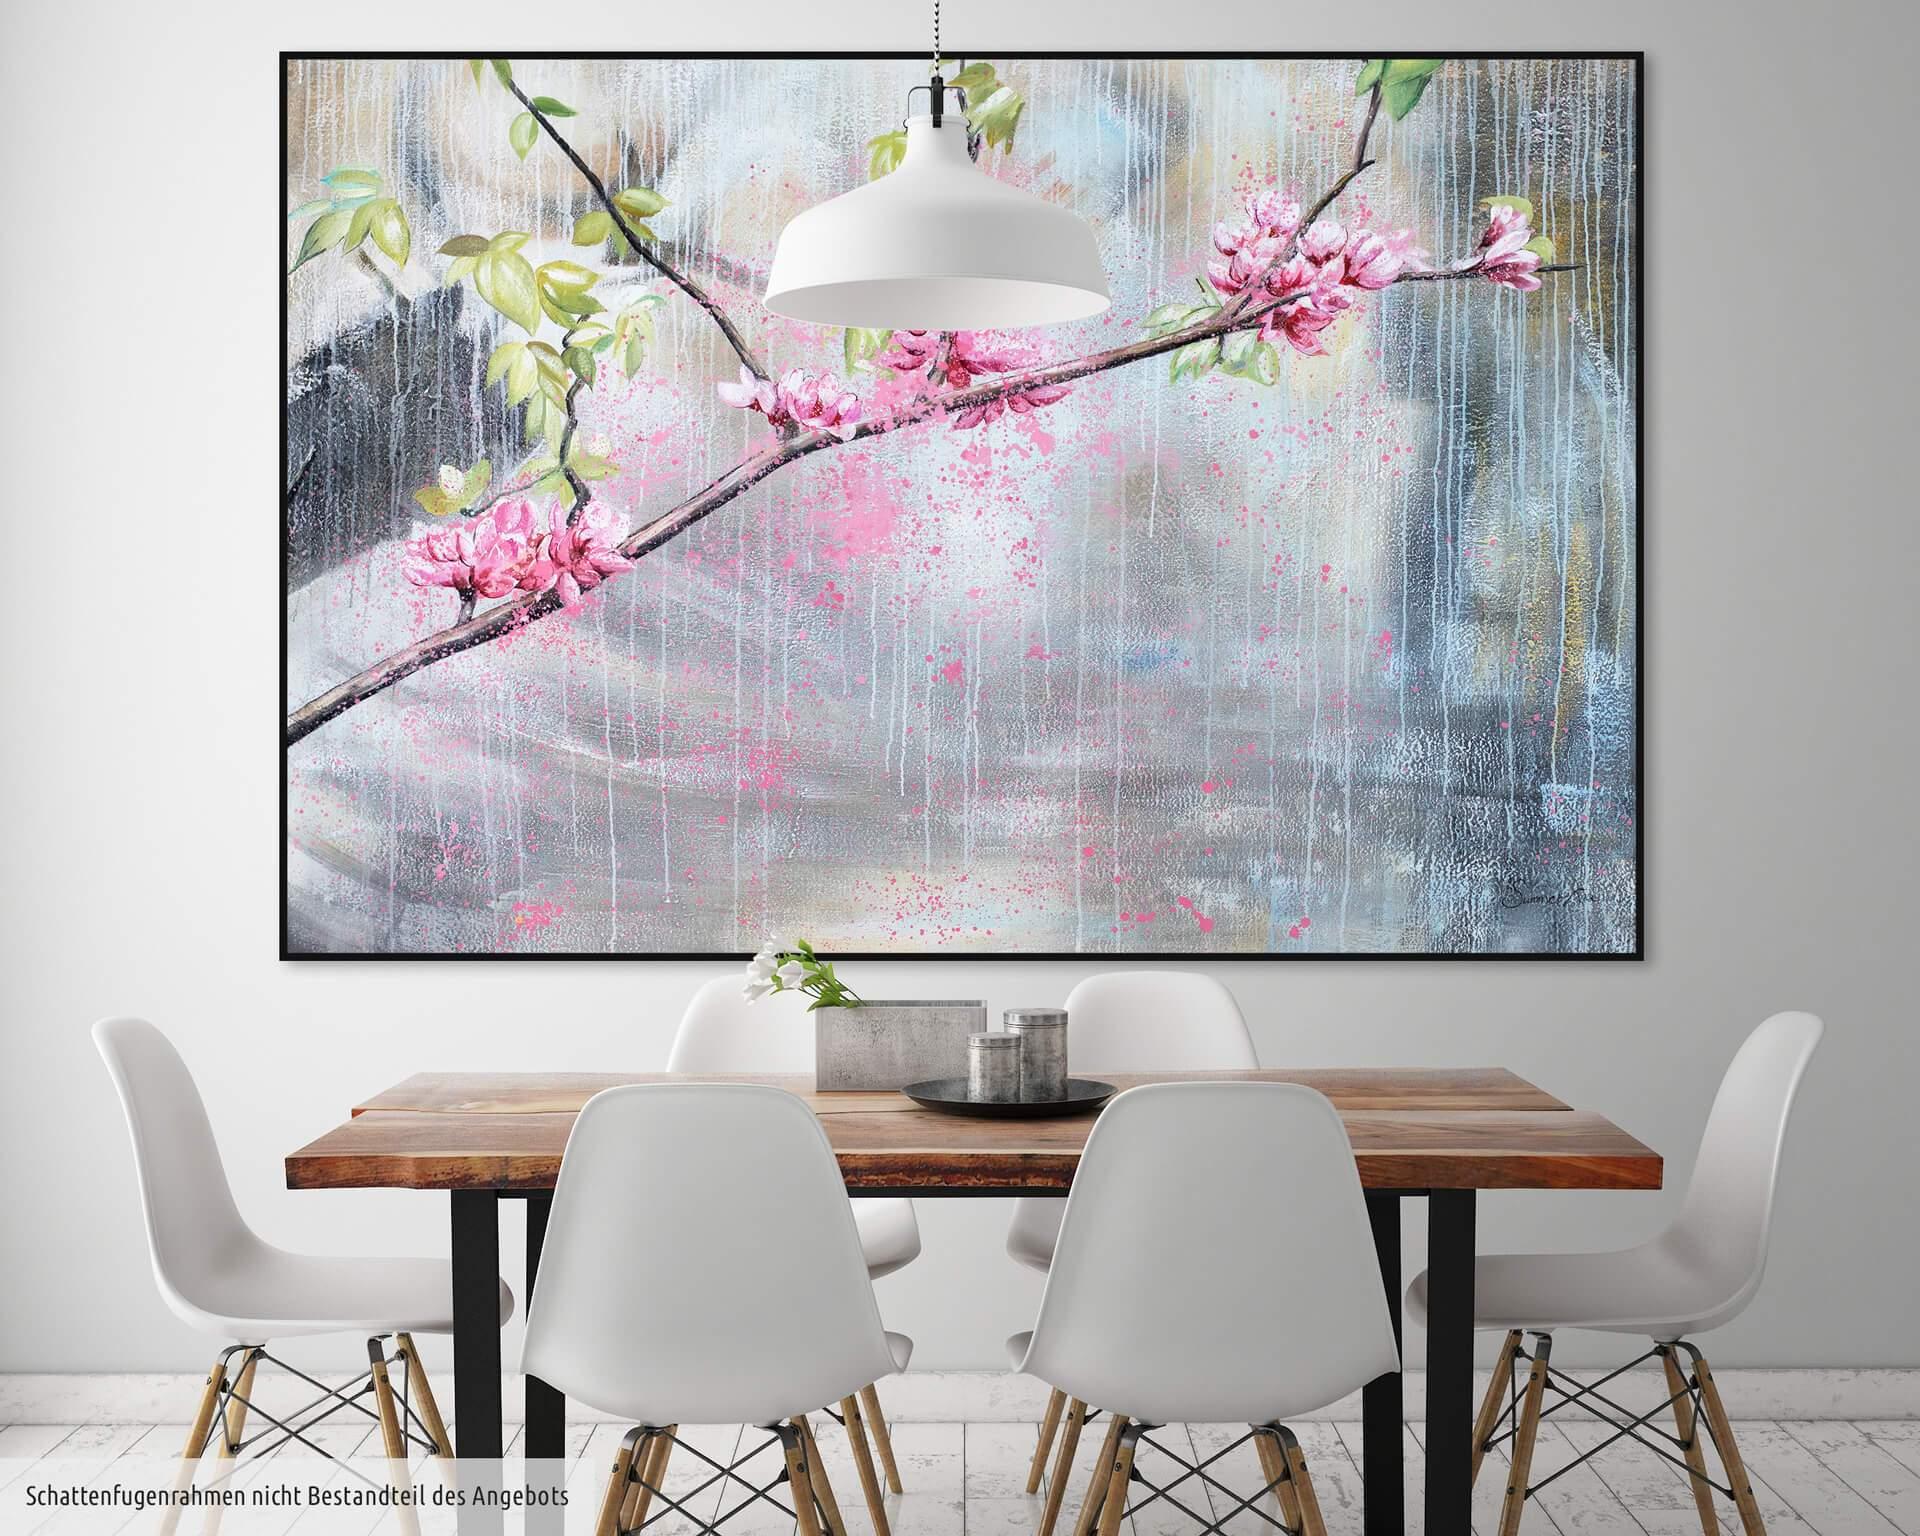 kl blueten beige rosa braun modern acryl gemaelde oel bild 0001 07